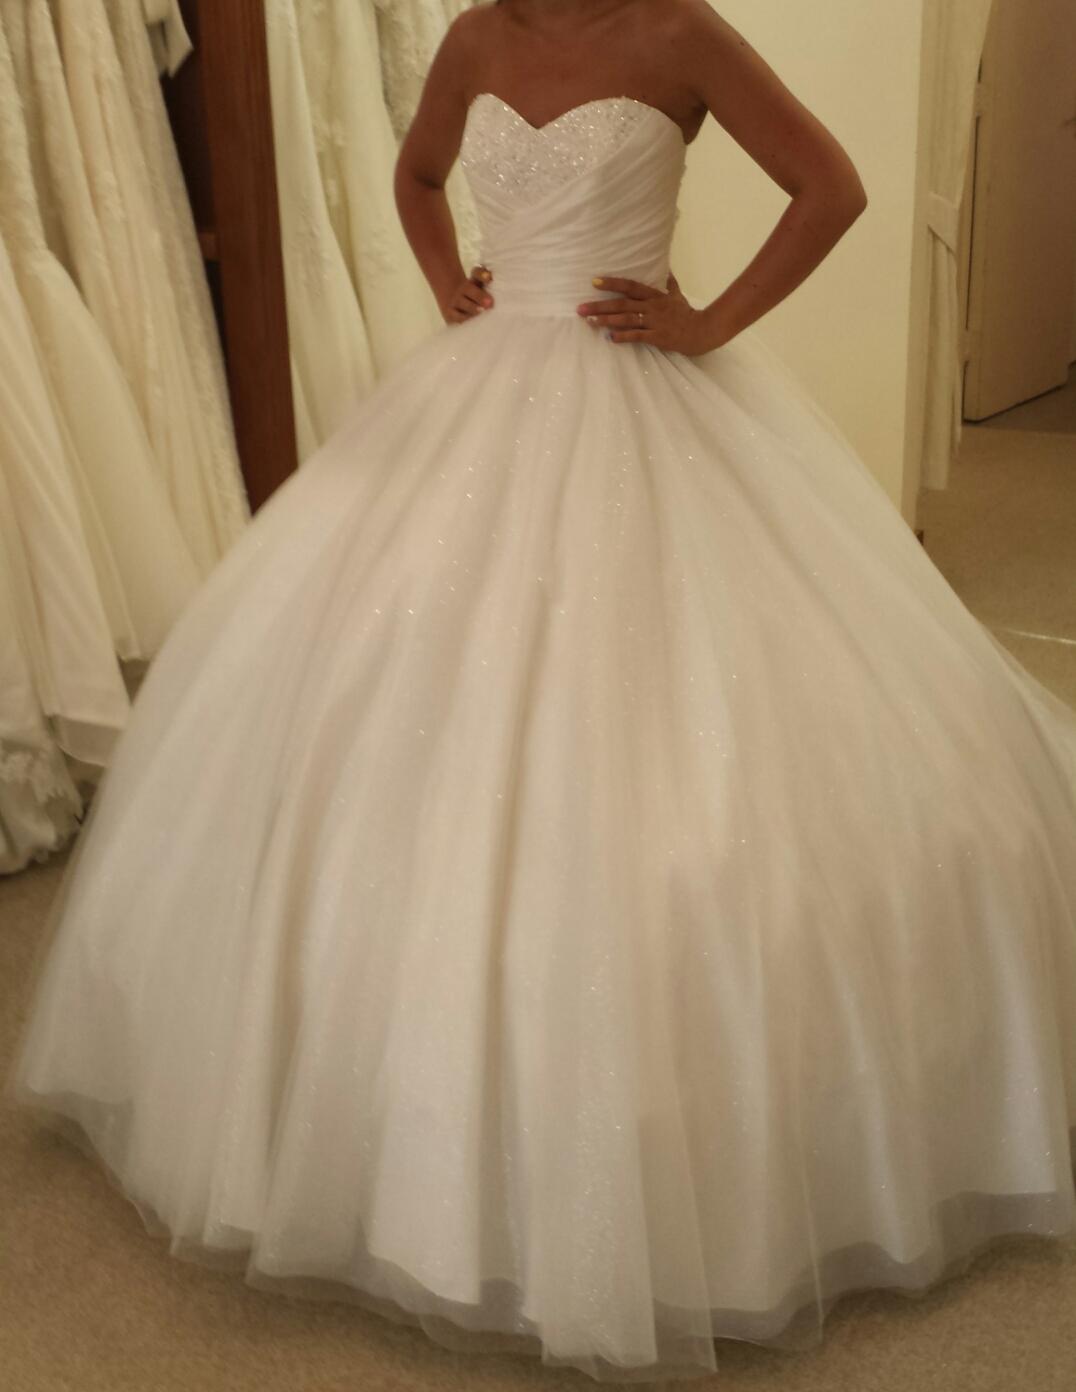 my big poofy alfred angelo cinderella wedding dress cinderella style wedding dress My big poofy alfred angelo cinderella wedding dress